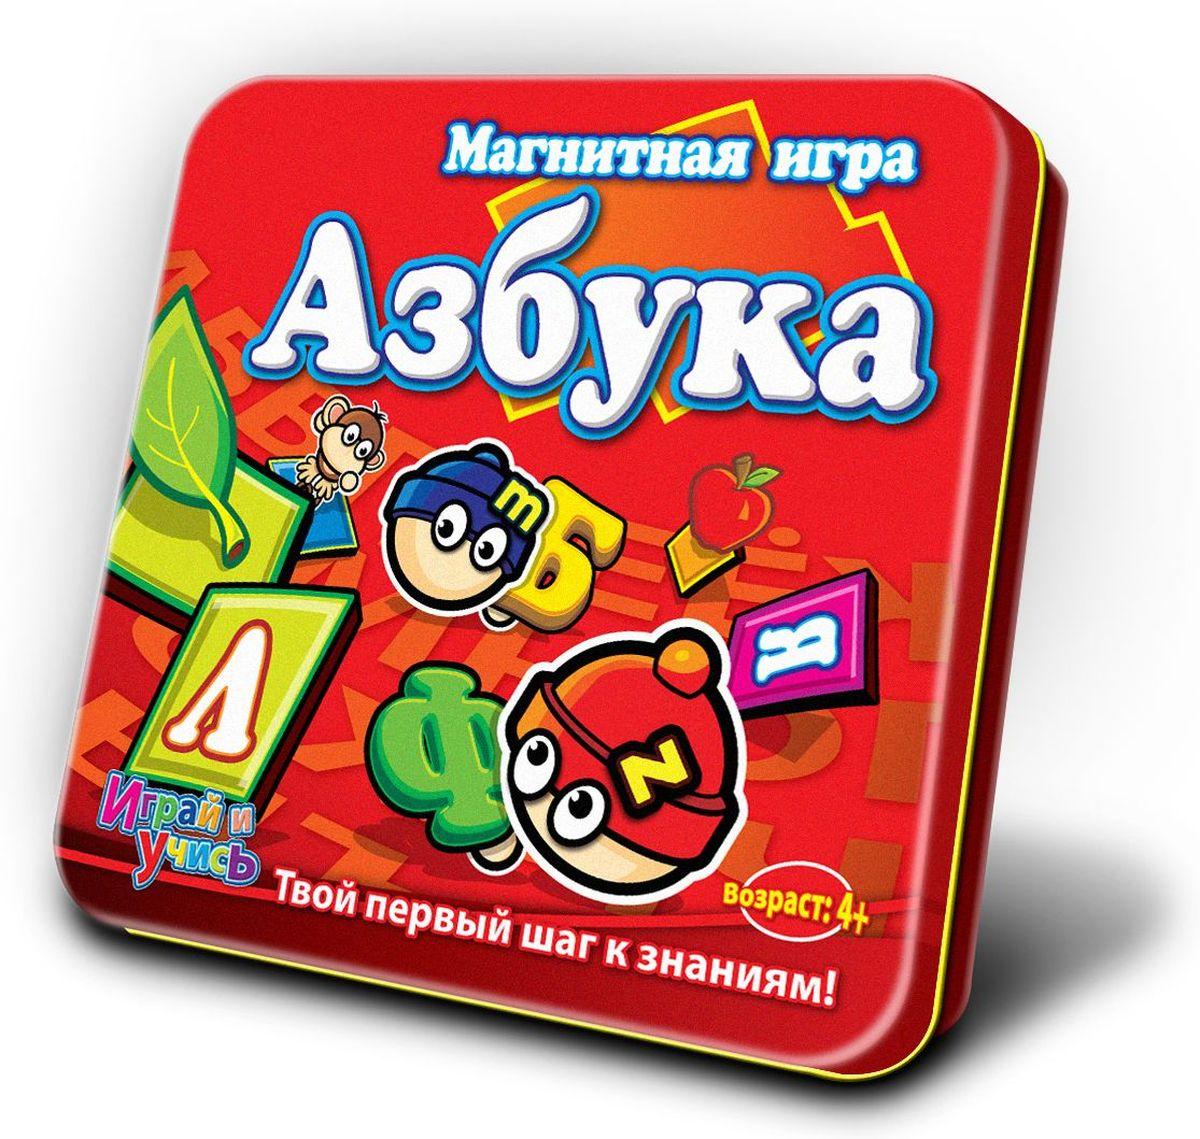 Mack & Zack Магнитная игра АлфавитLP-ABCМагнитная Игра Азбука из серии Играй и учись - это занимательный обучающий игровой набор, предназначенный для детей младшего возраста. С помощью данного набора они смогут научиться распознавать буквы русского алфавита. На каждой карточке с буквой нарисован предмет, чтобы было понятно, как произносить букву.